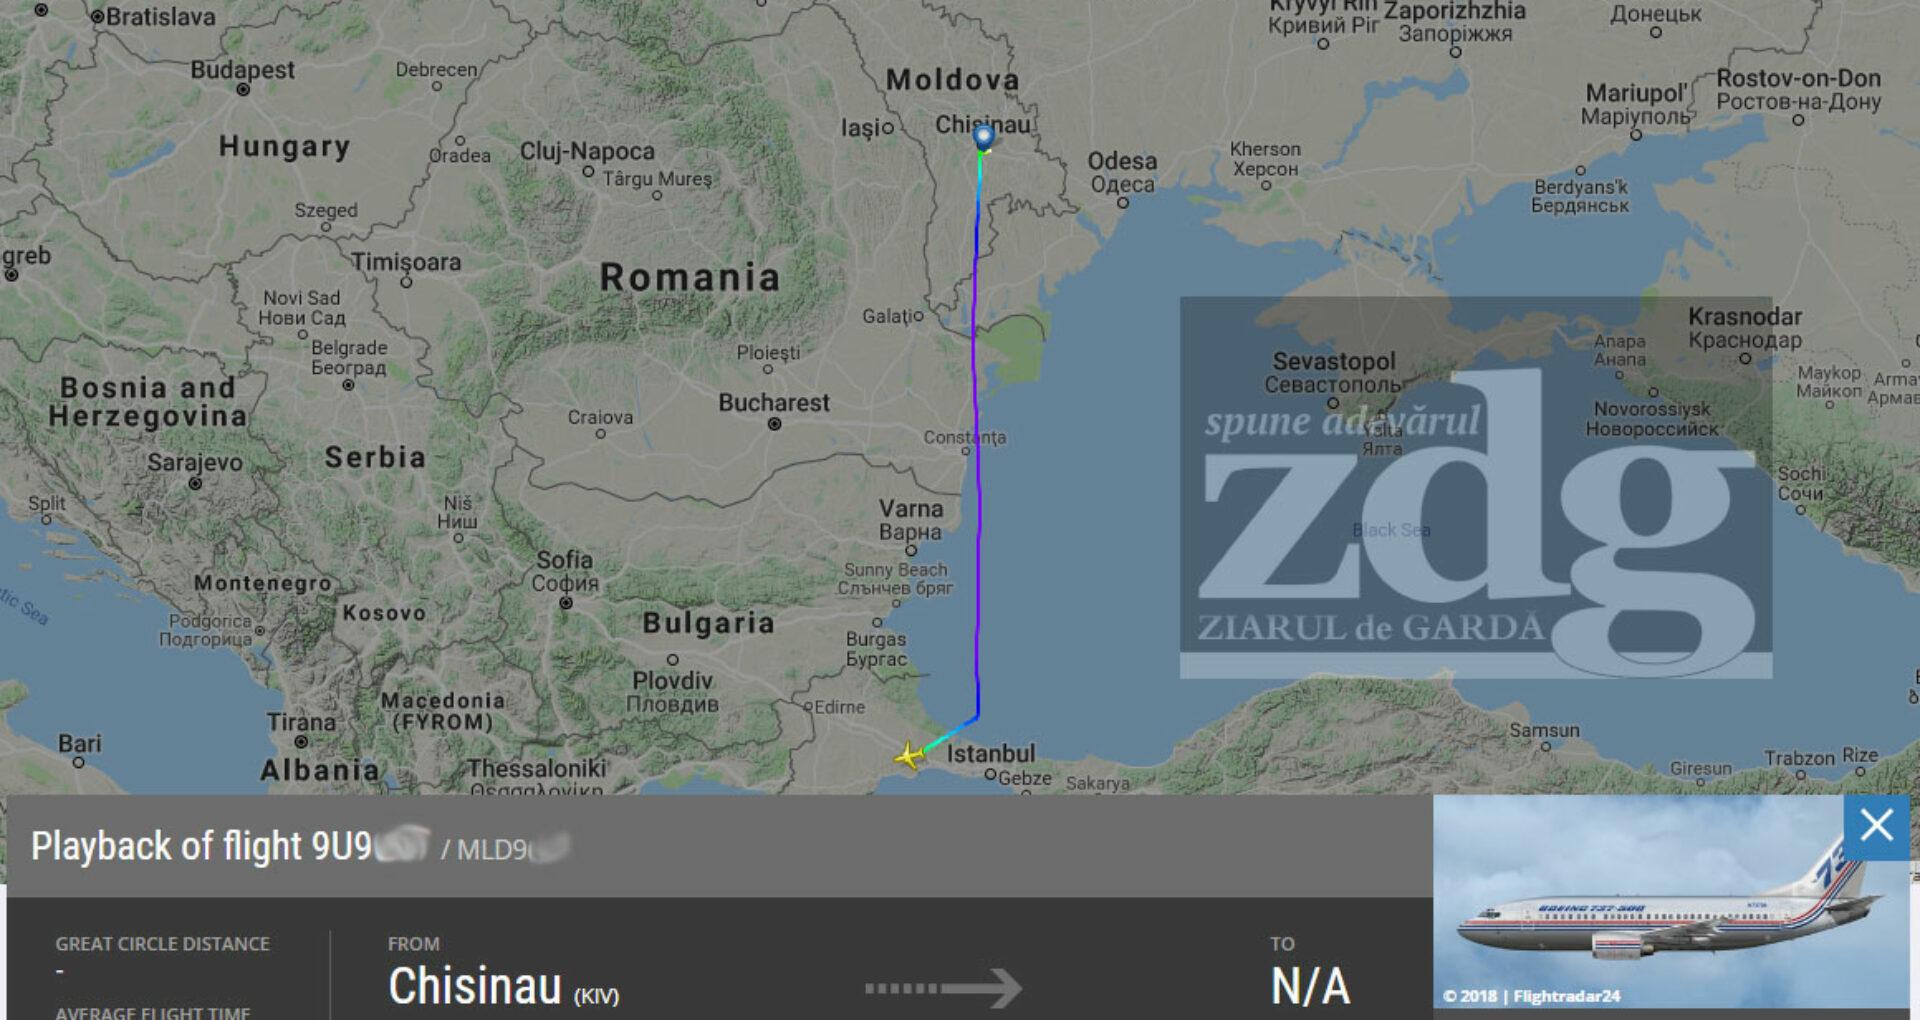 FOTO/ Avionul care i-a expulzat pe cetățenii turci, zbor sub umbrela Air Moldova și aterizare pe un aeroport militar din Turcia?